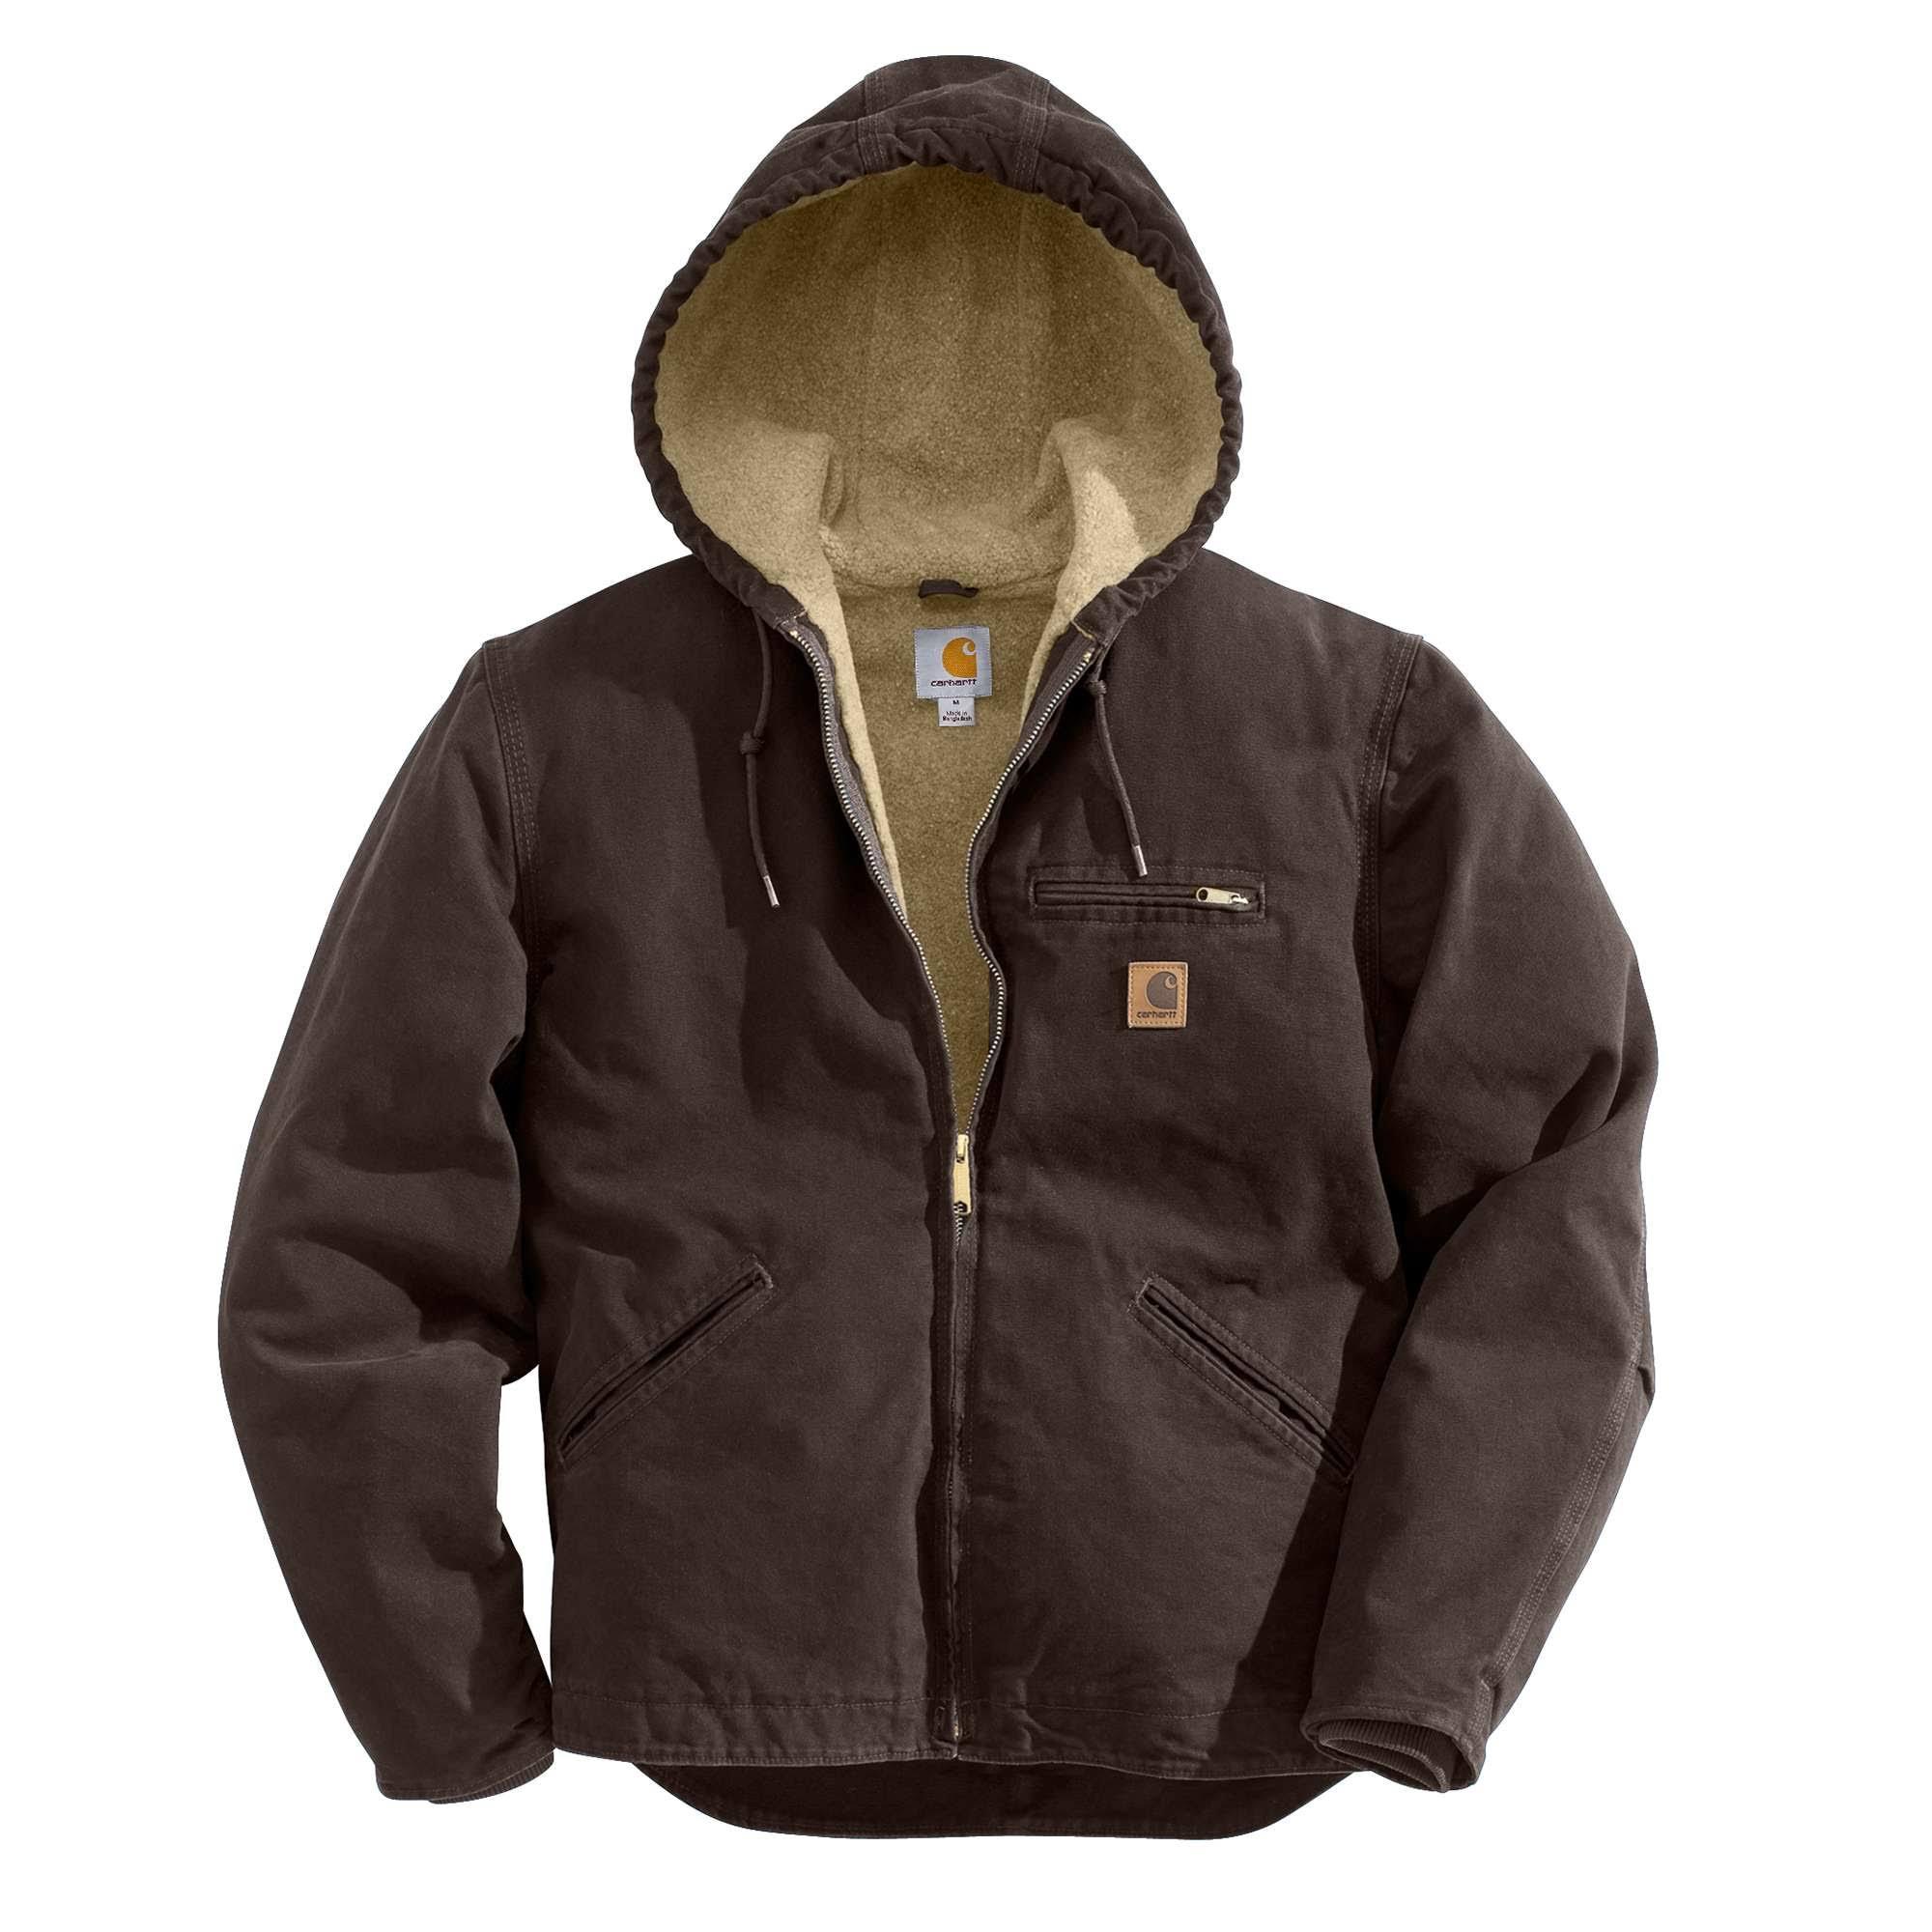 Hombre Carhartt Sherpa Sierra Y Grande Alto Forrado Para Sandstone Marrón Oscuro wSqS7rt